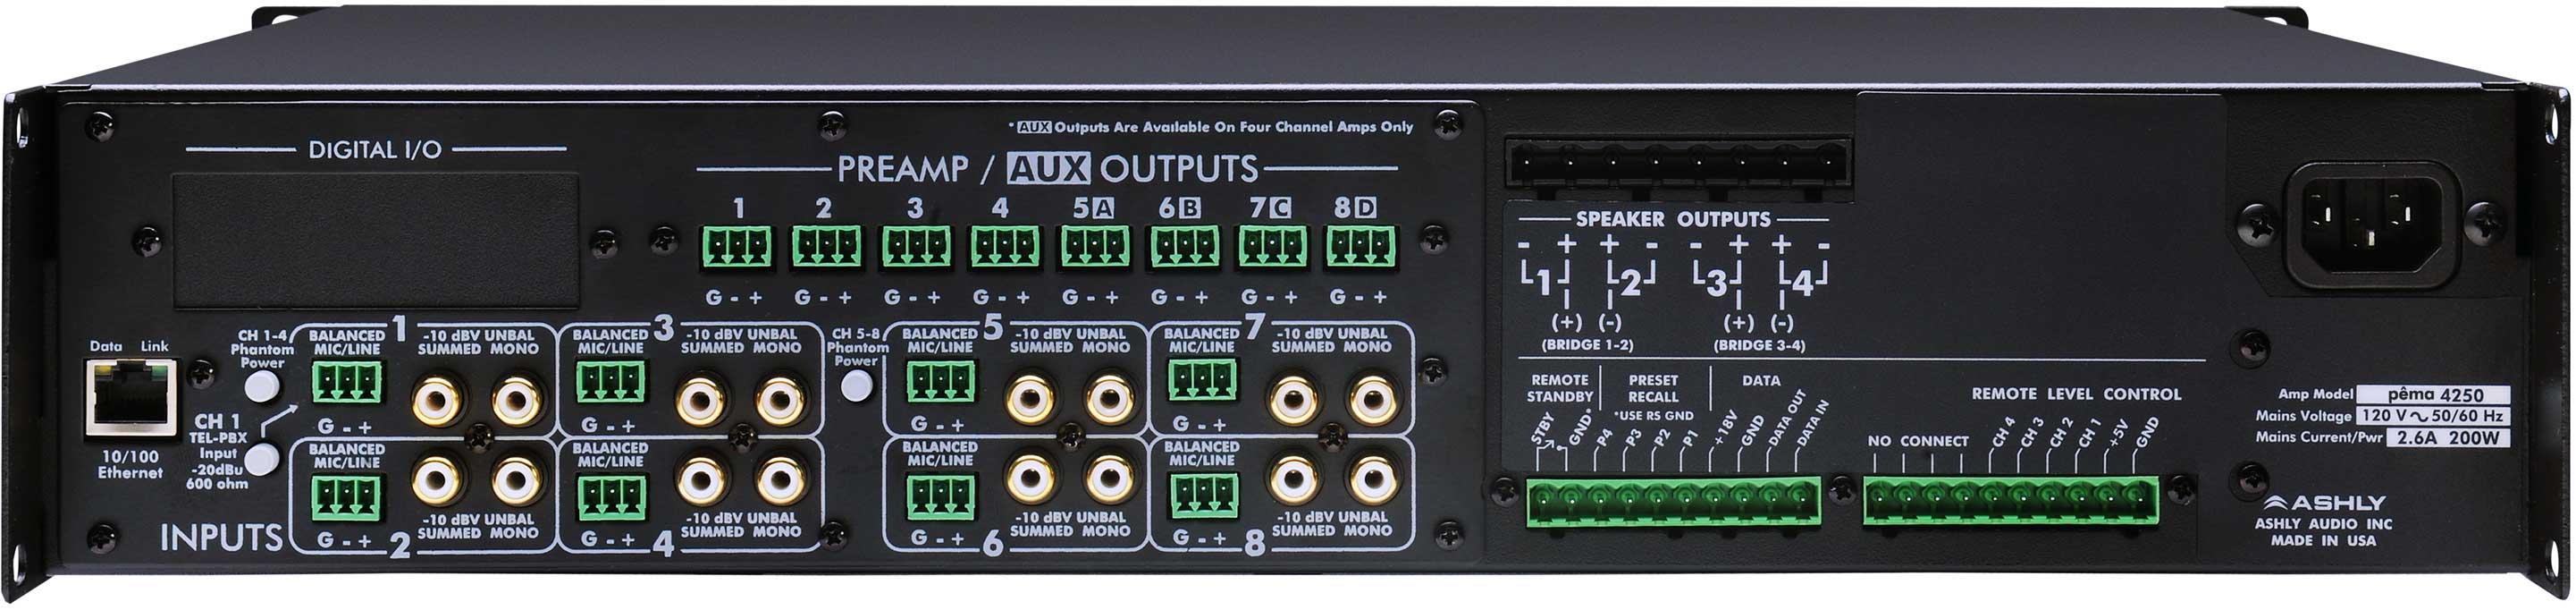 Power Amplifier, 4x125W @ 4 Ohm, w/8x8 DSP Matrix